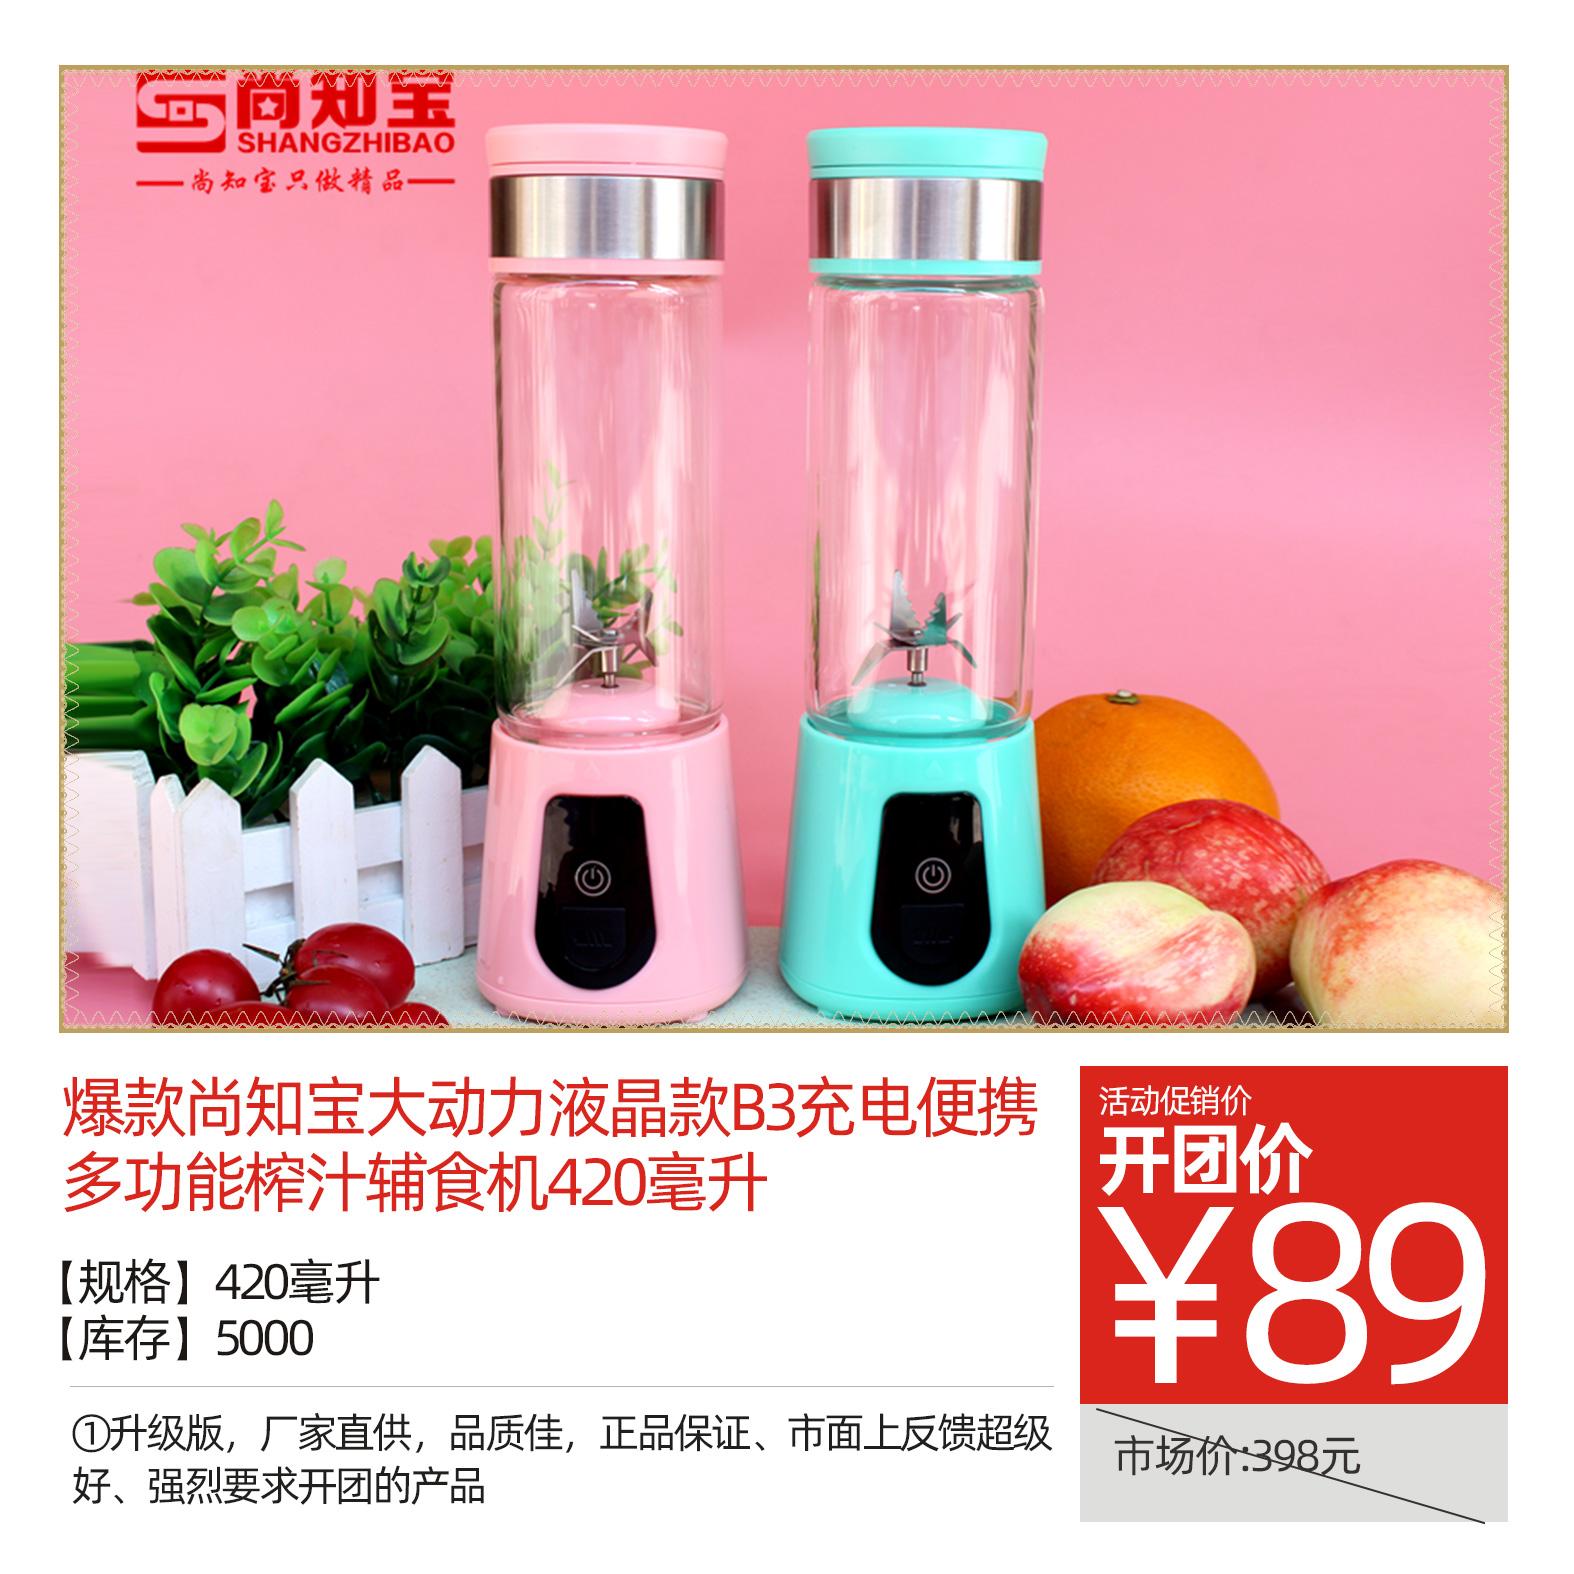 尚知宝爆款尚知宝大动力液晶款B3充电便携多功能榨汁辅食机420毫升携带方便!